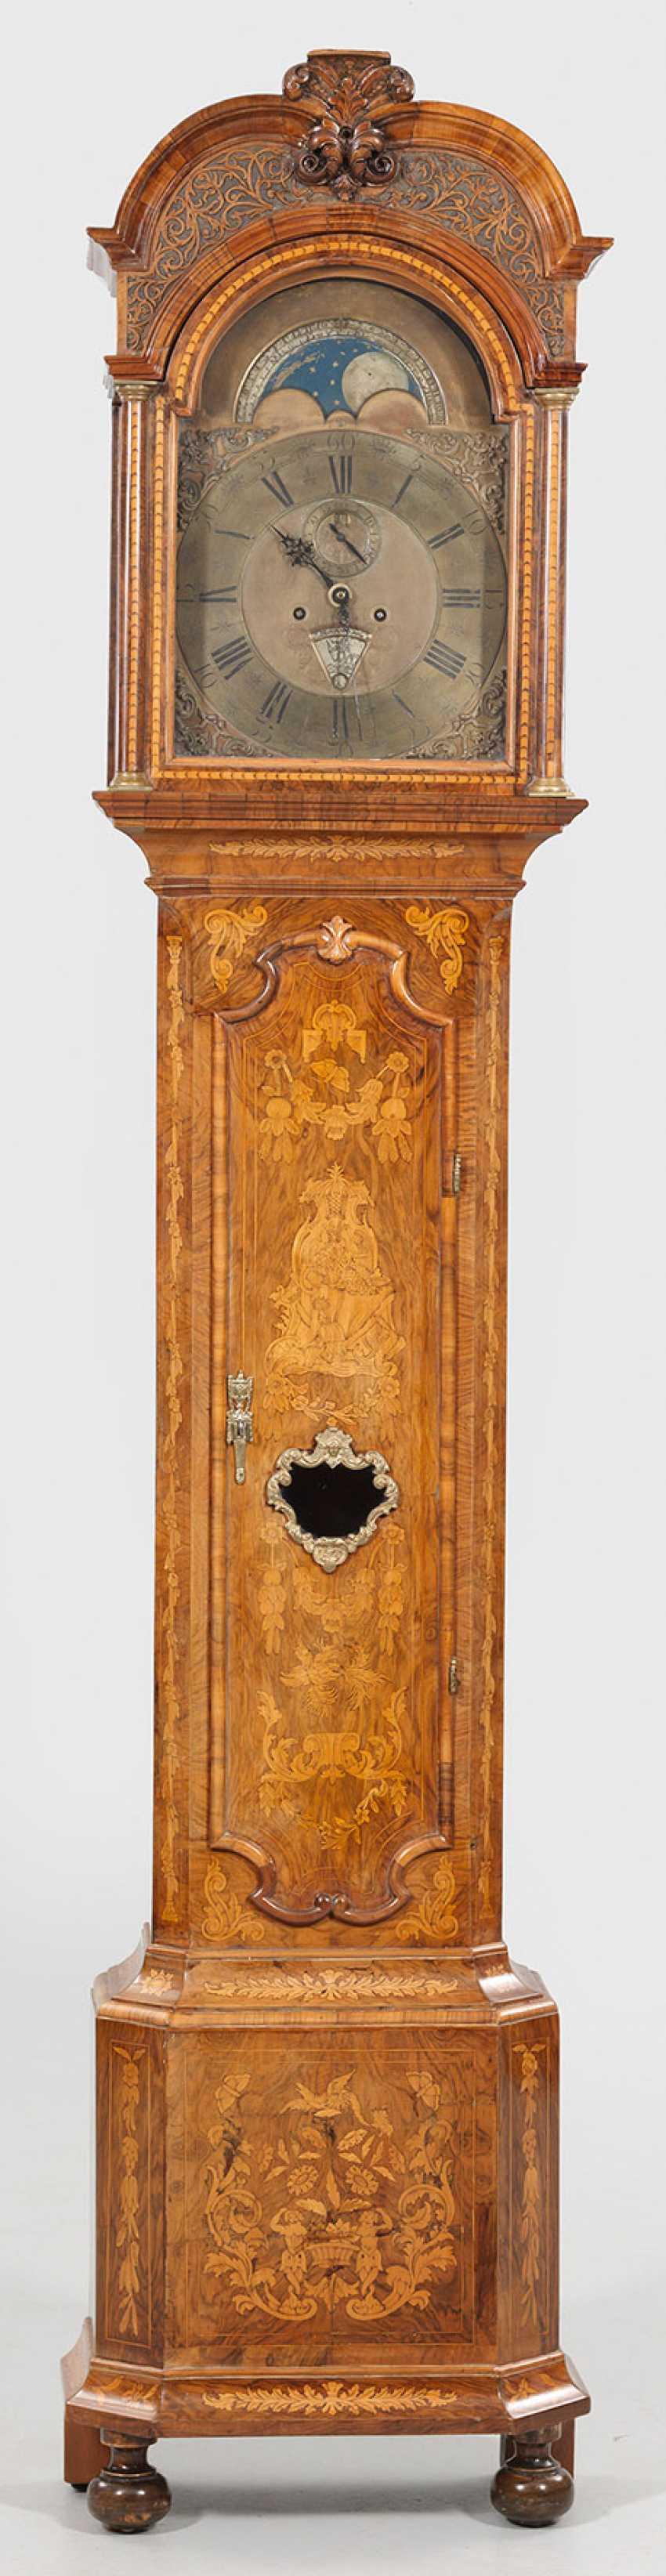 Large Baroque Longcase Clock - photo 1